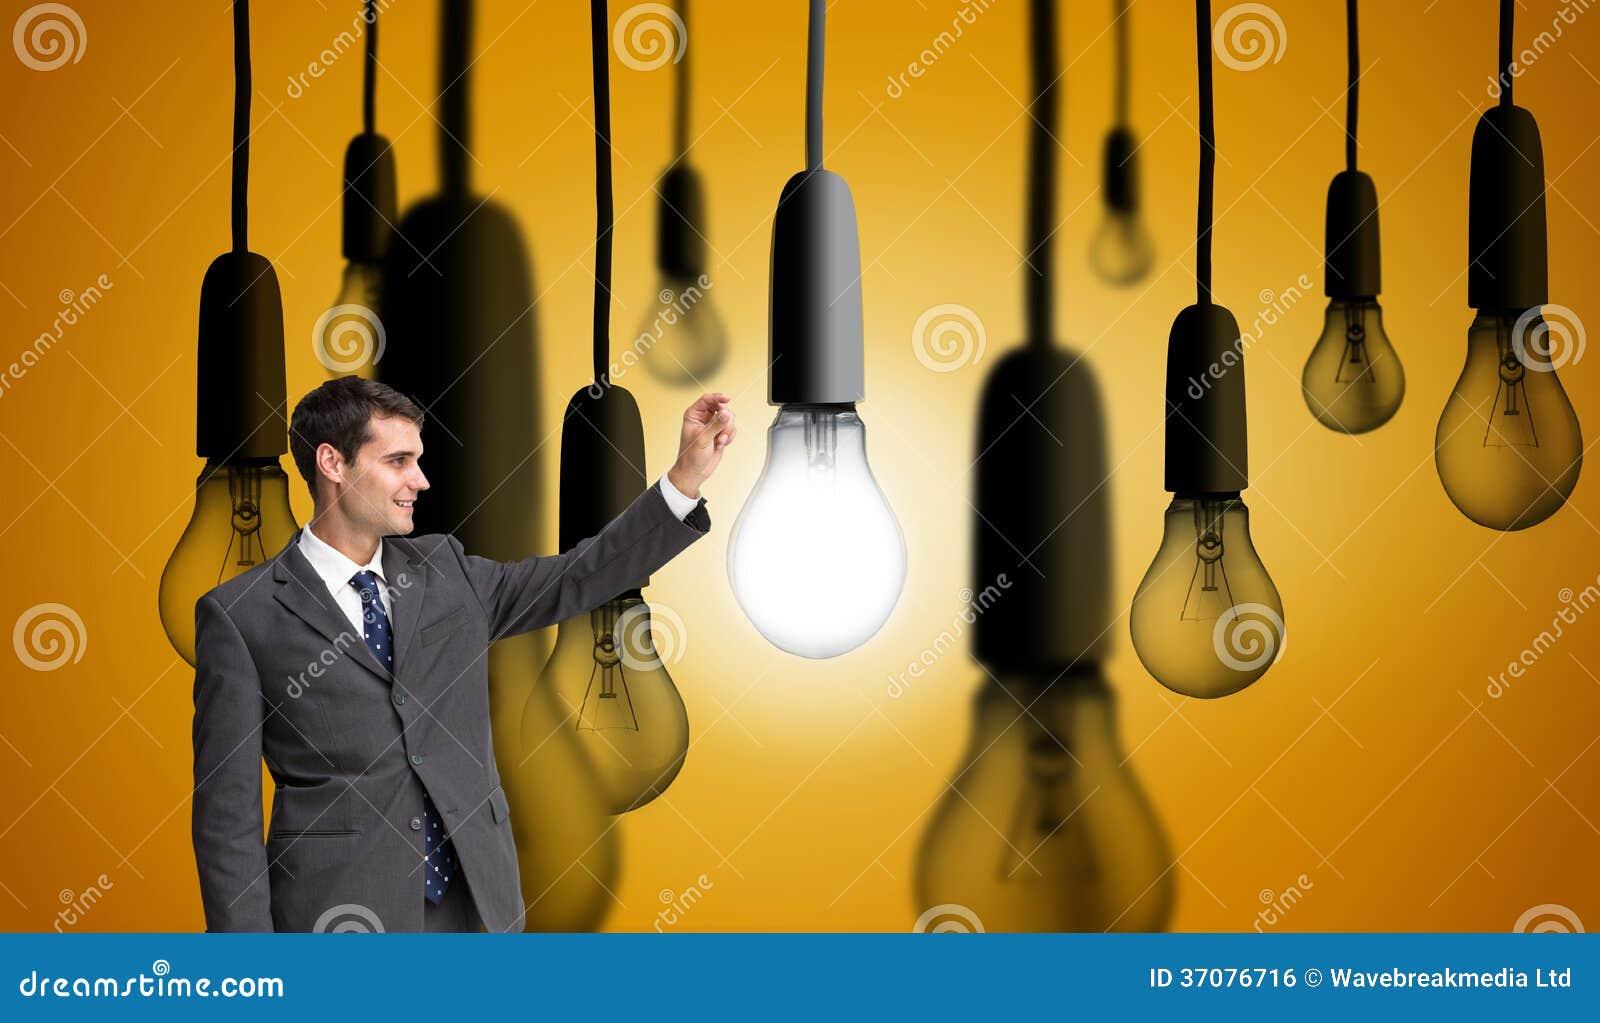 Download Uśmiechnięty Biznesmena Mienie Coś W Powietrzu Zdjęcie Stock - Obraz złożonej z śledzony, jaskrawy: 37076716